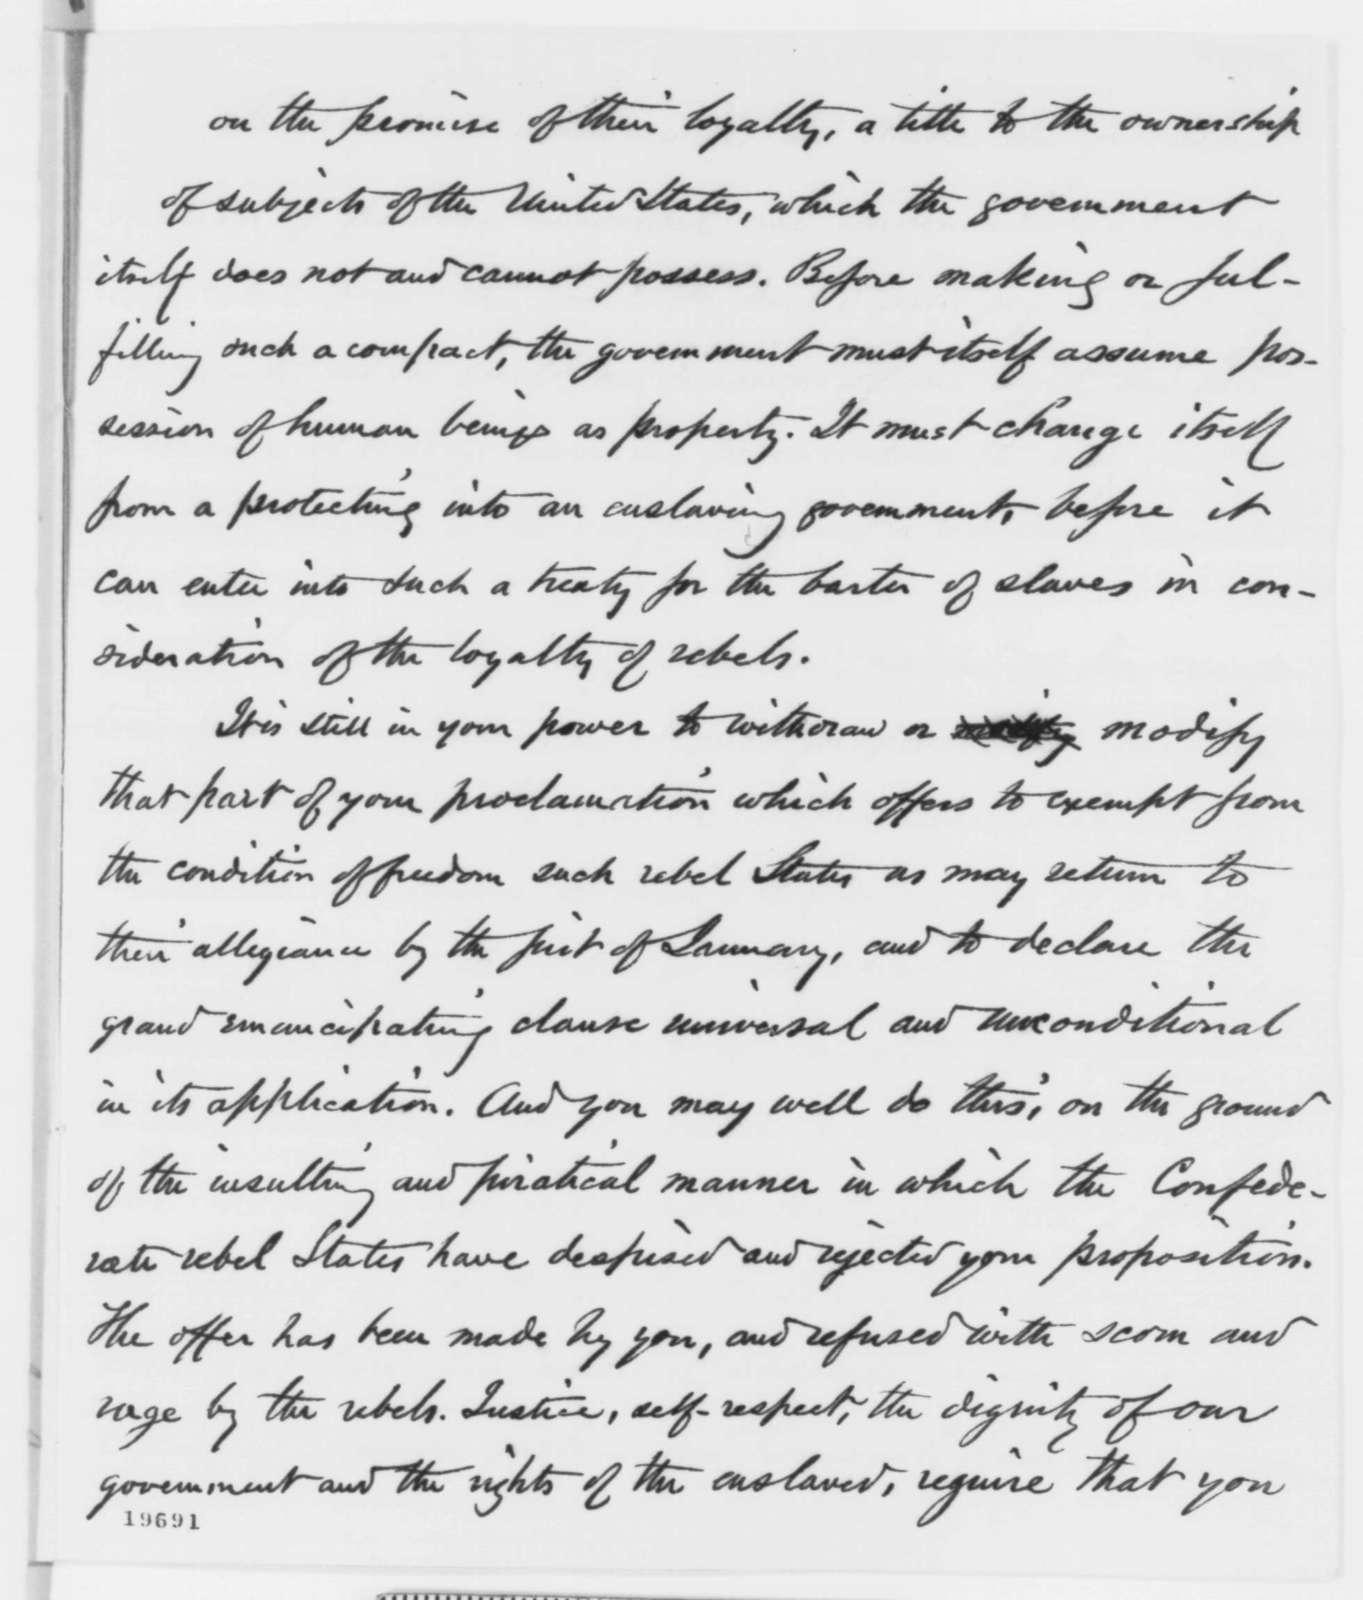 George B. Cheever to Abraham Lincoln, Saturday, November 22, 1862  (Emancipation)